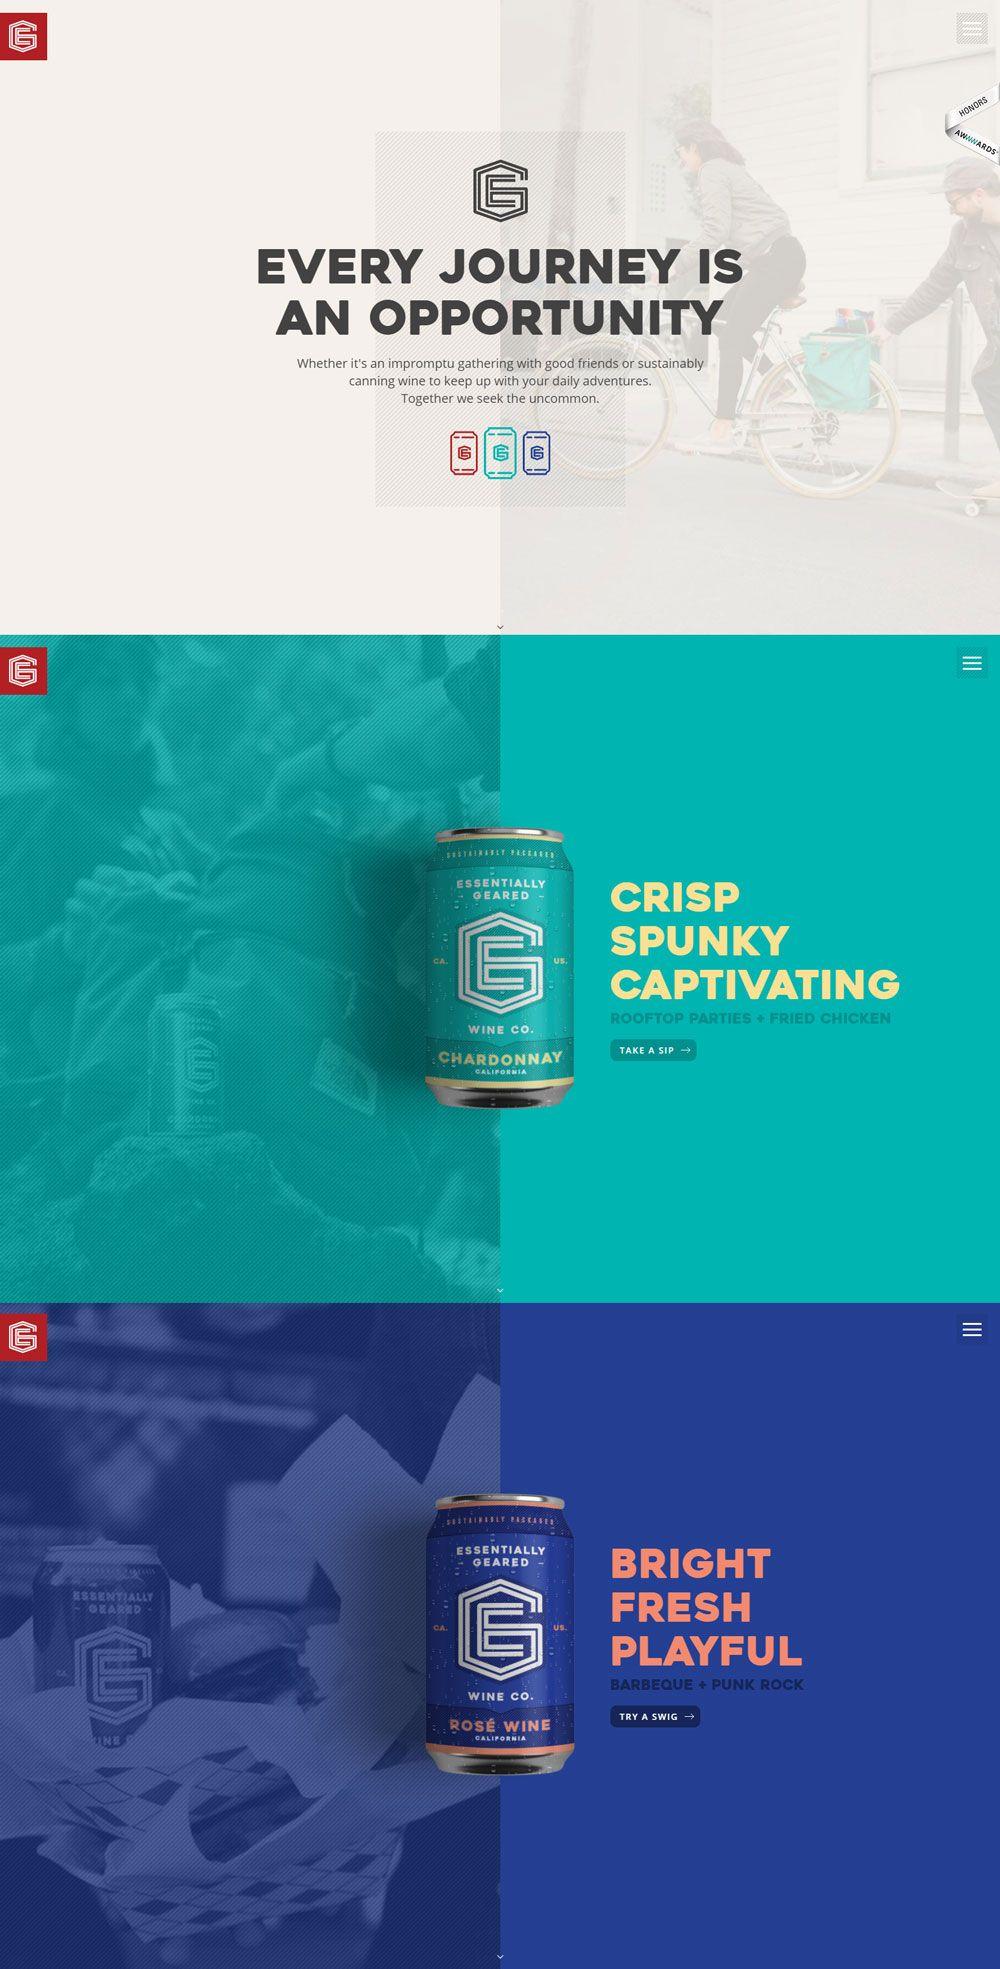 20 Creative Websites With Video Backgrounds Digital Marketing Design Web Design Banner Design Inspiration